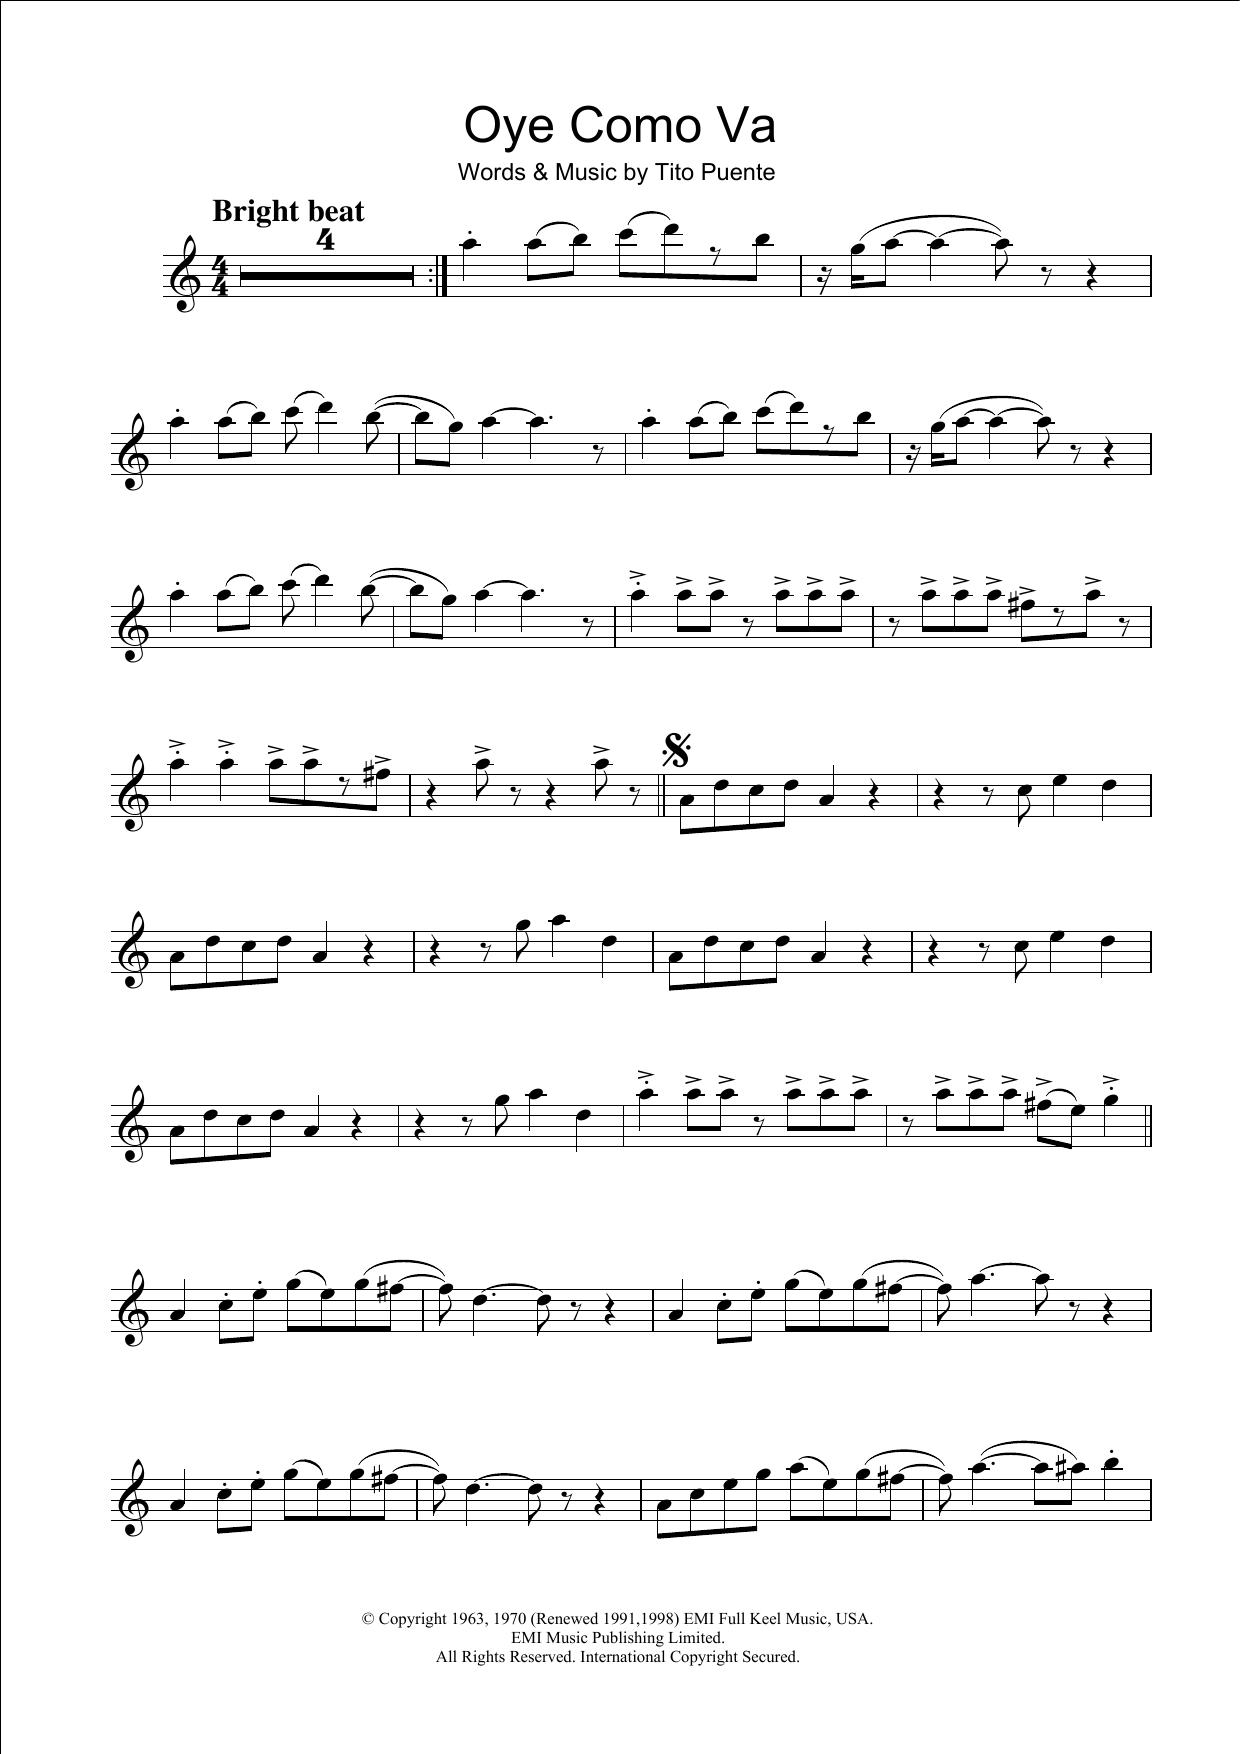 Oye Como Va Sheet Music